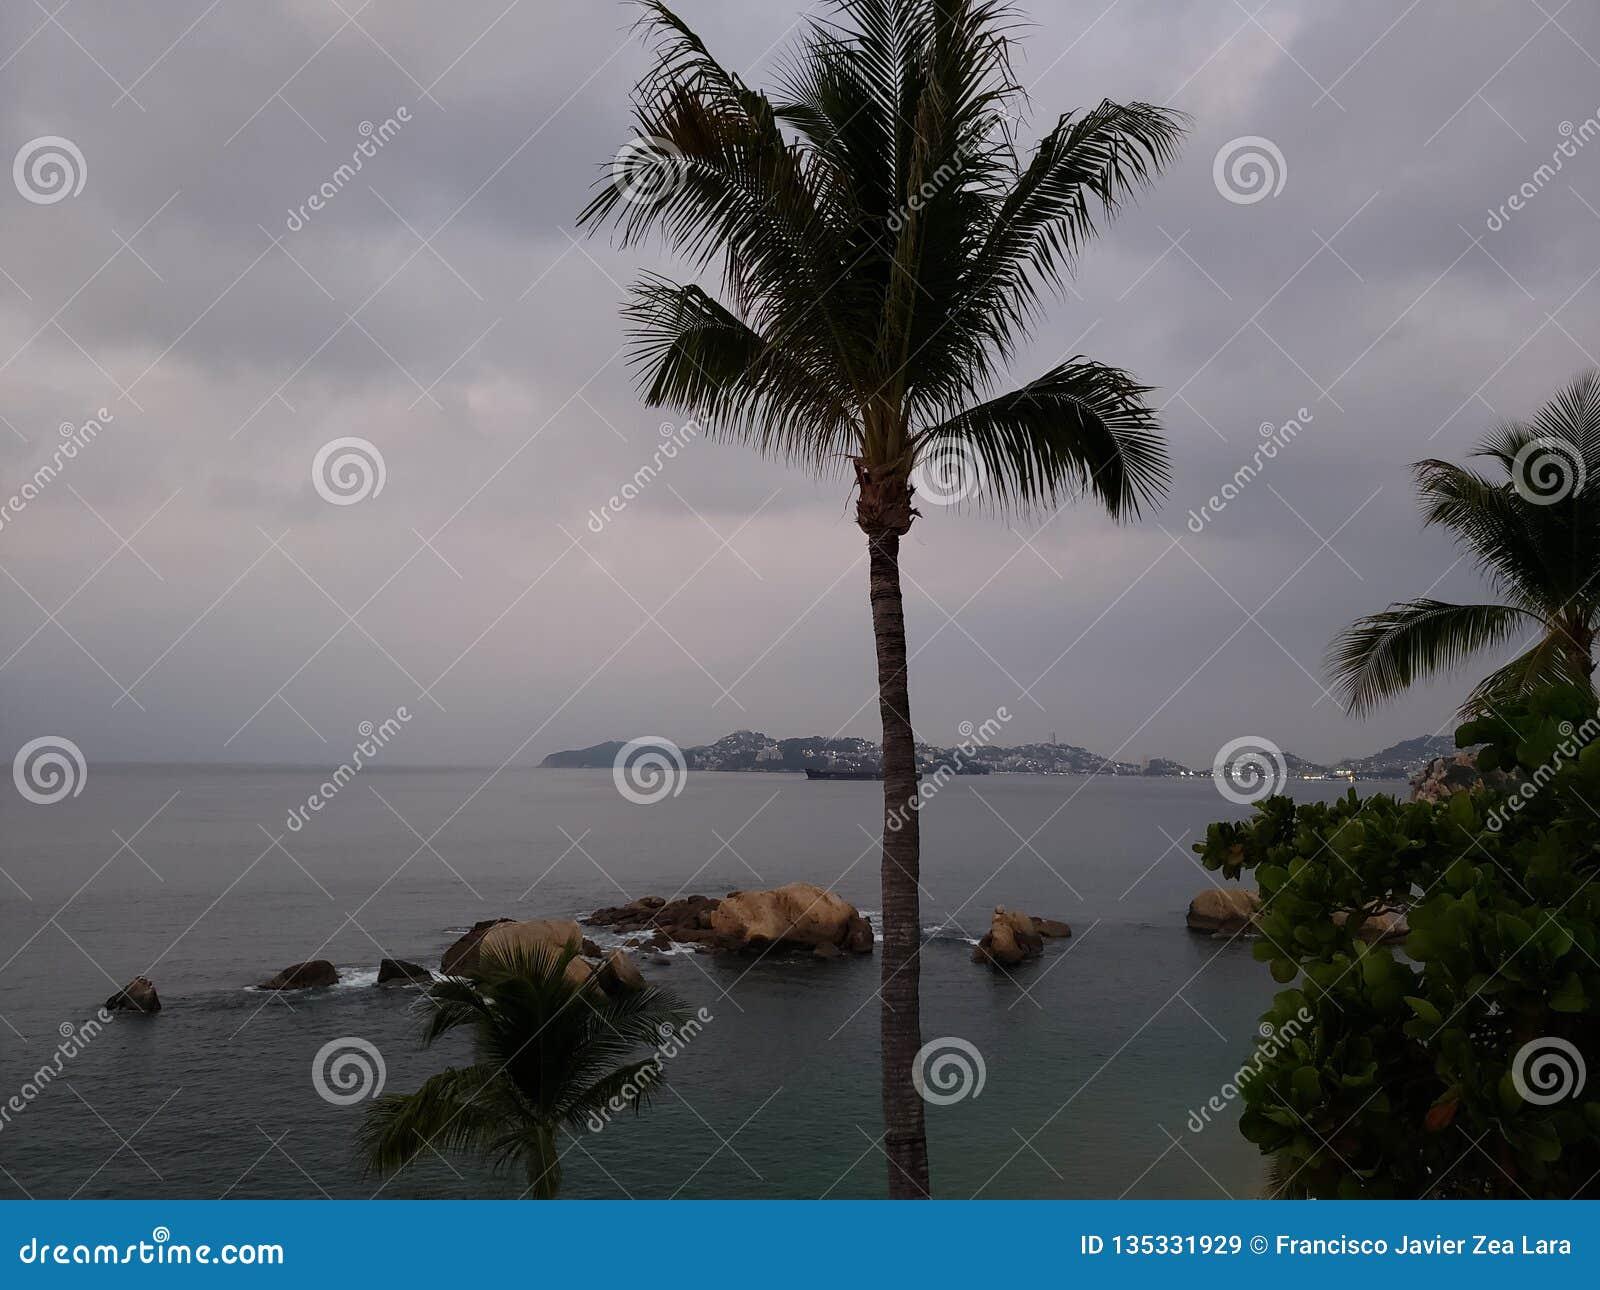 Tropische Landschaft mit dem Schattenbild einer Palme an einem bewölkten Tag